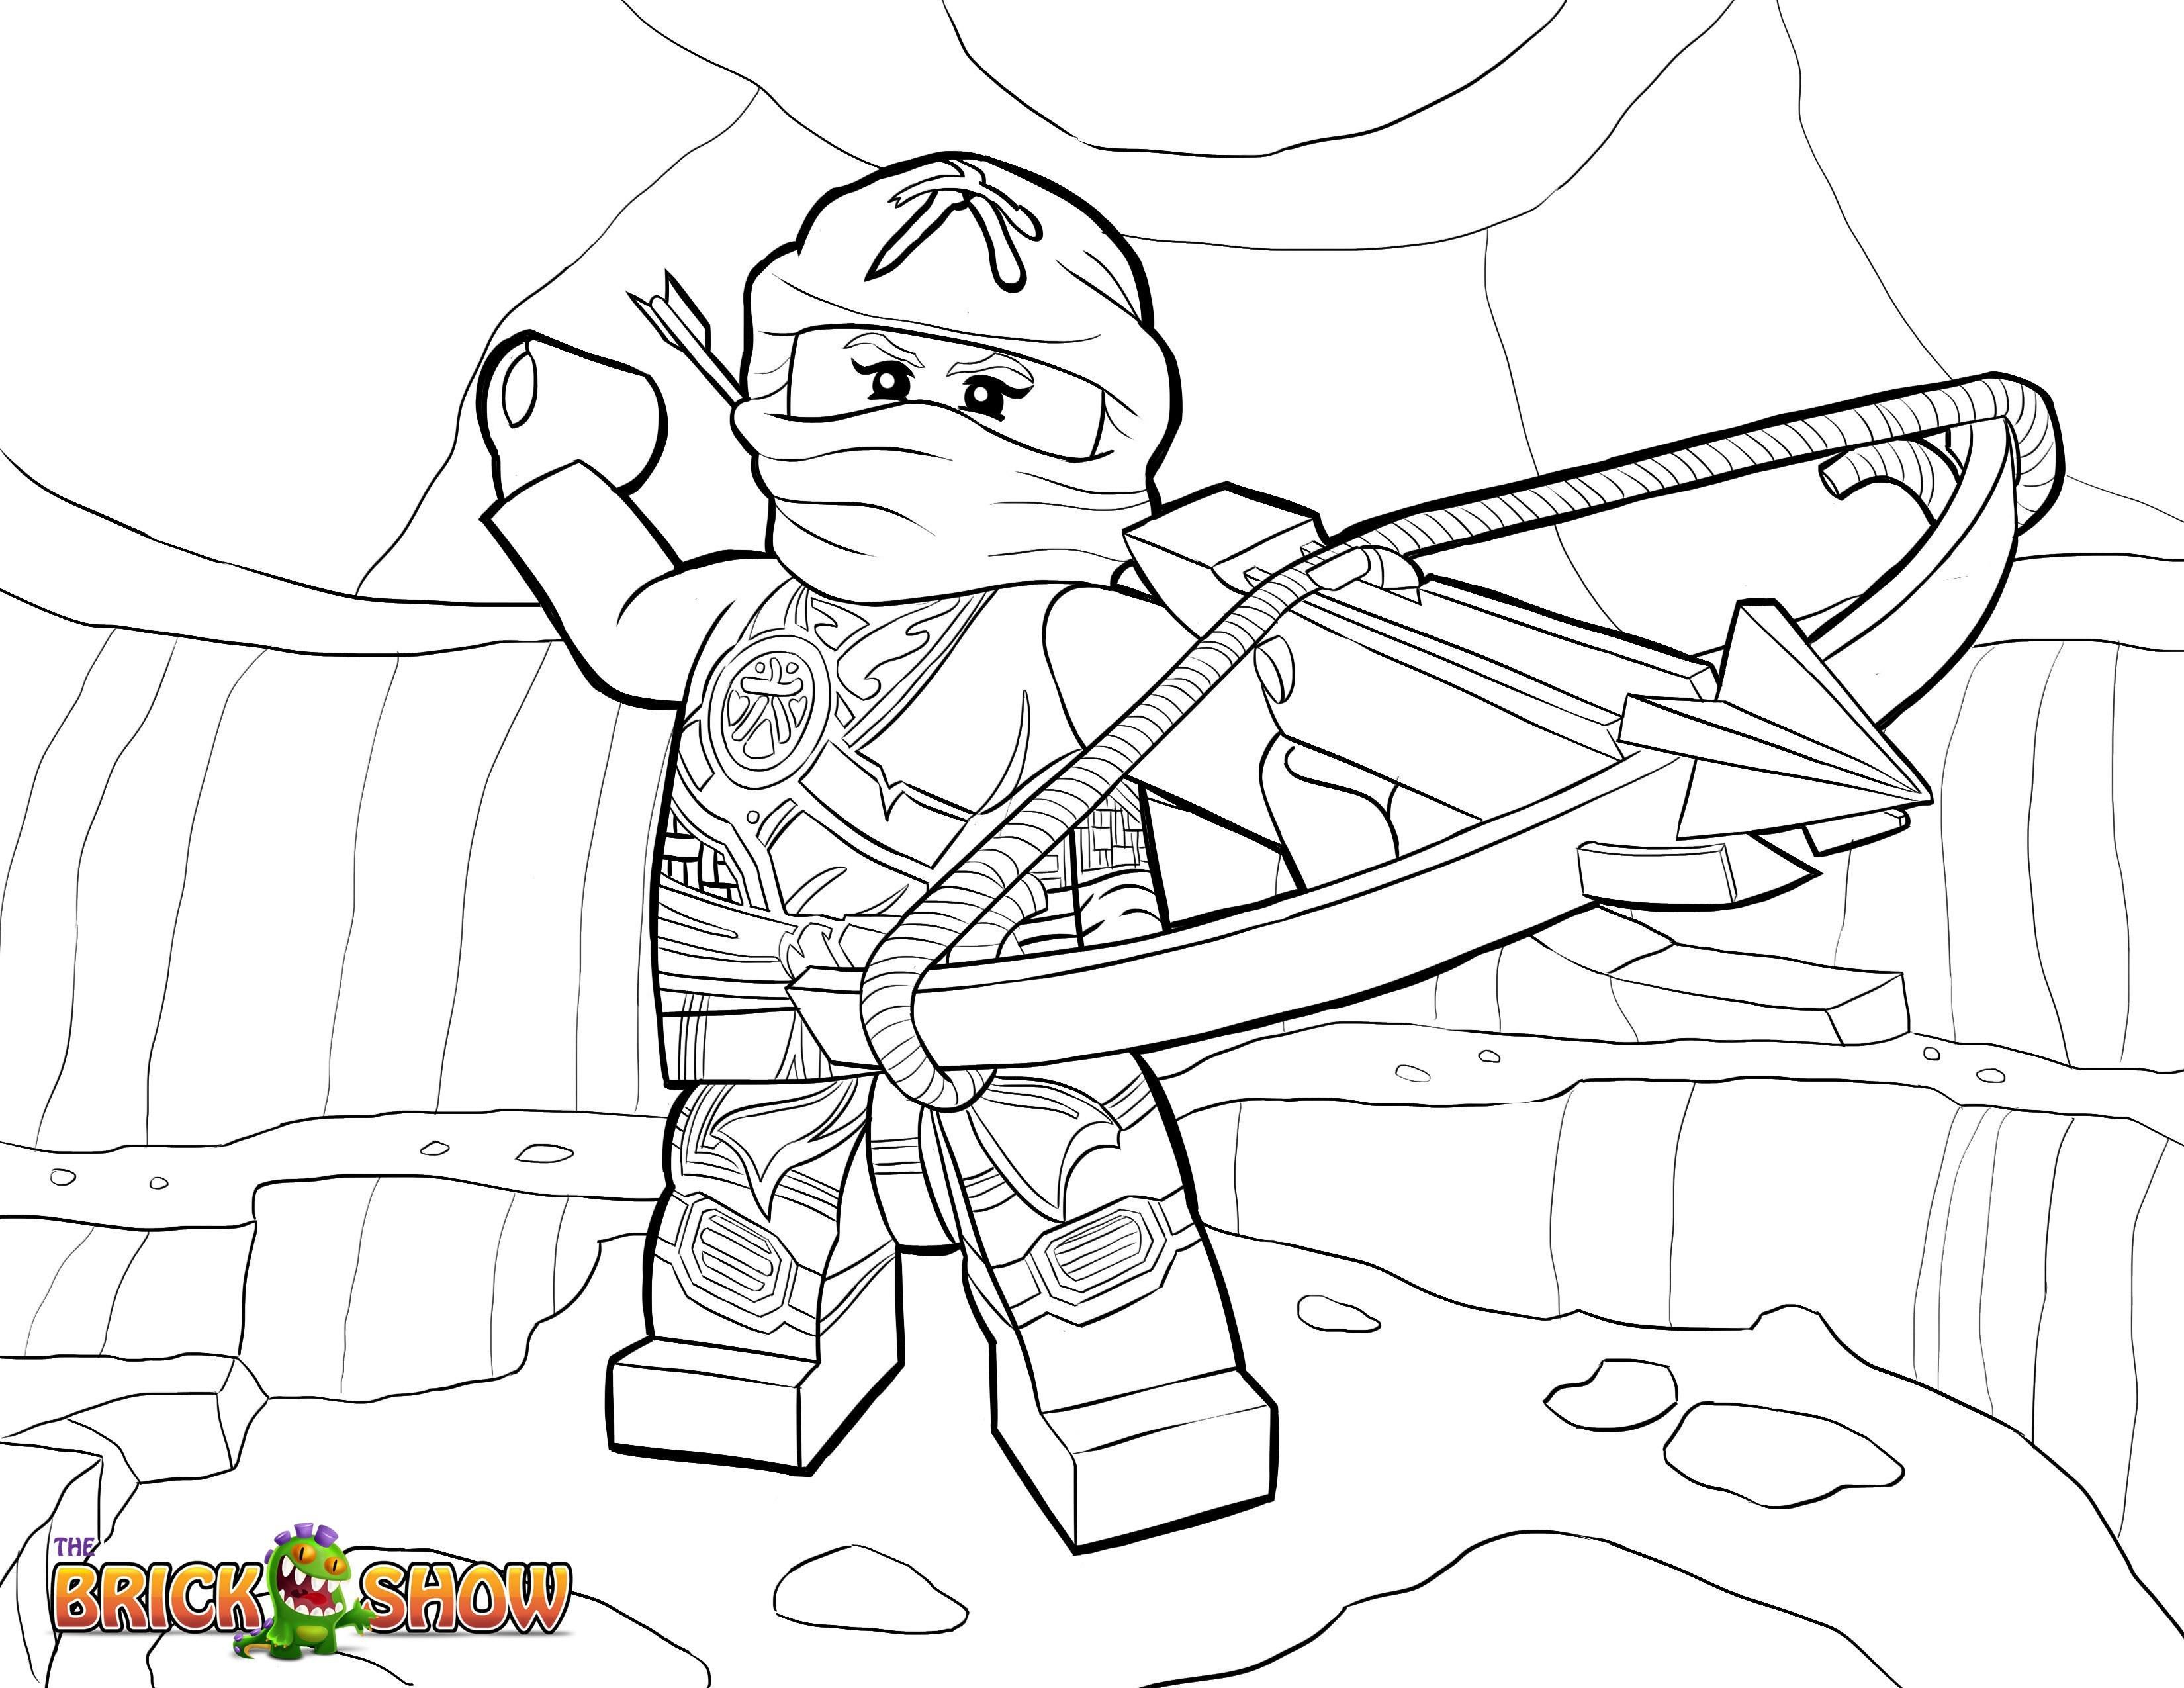 Lego Ausmalbilder Zum Ausdrucken Neu 35 Schön Ausmalbilder Lego Ninjago Kai Malvorlagen Sammlungen Galerie